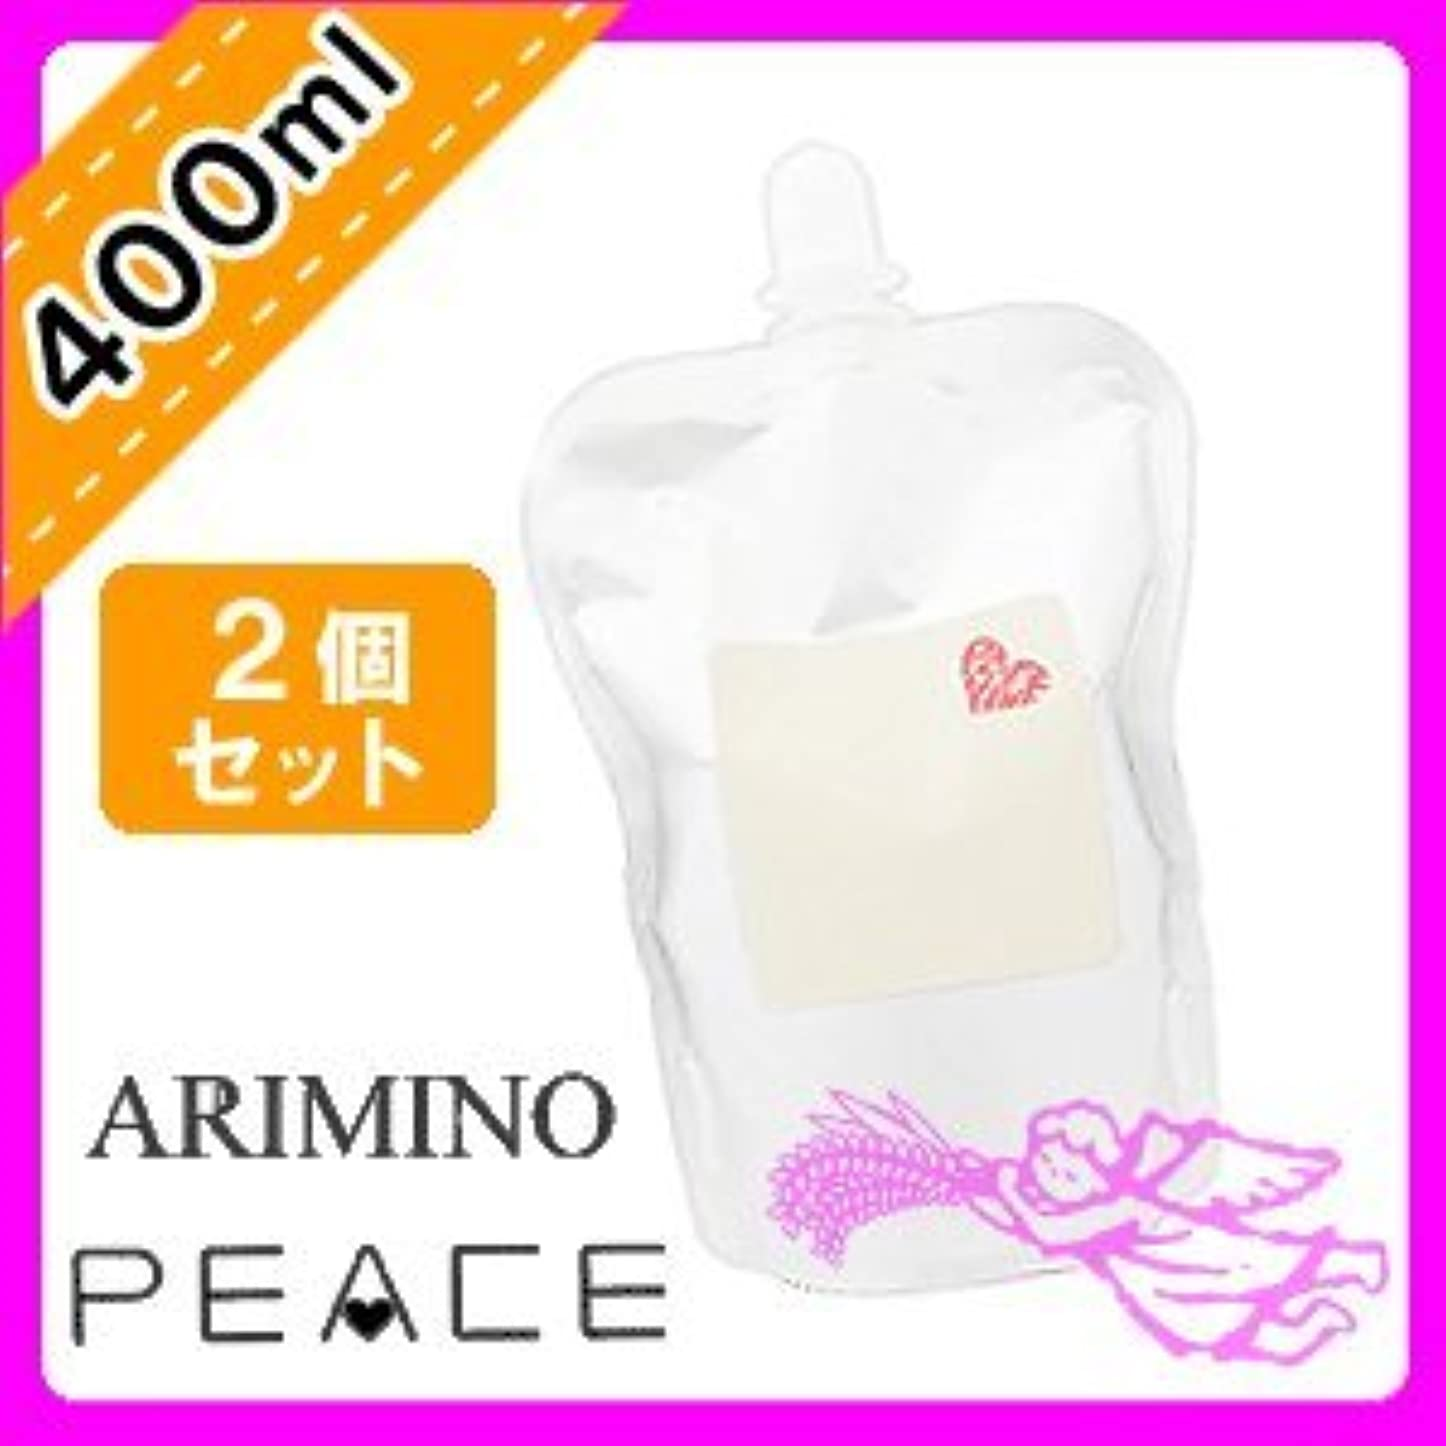 貧困デンマークアクションアリミノ ピース ホイップワックス ナチュラルウェーブ ホイップ400mL ×2個 セット詰め替え用 arimino PEACE